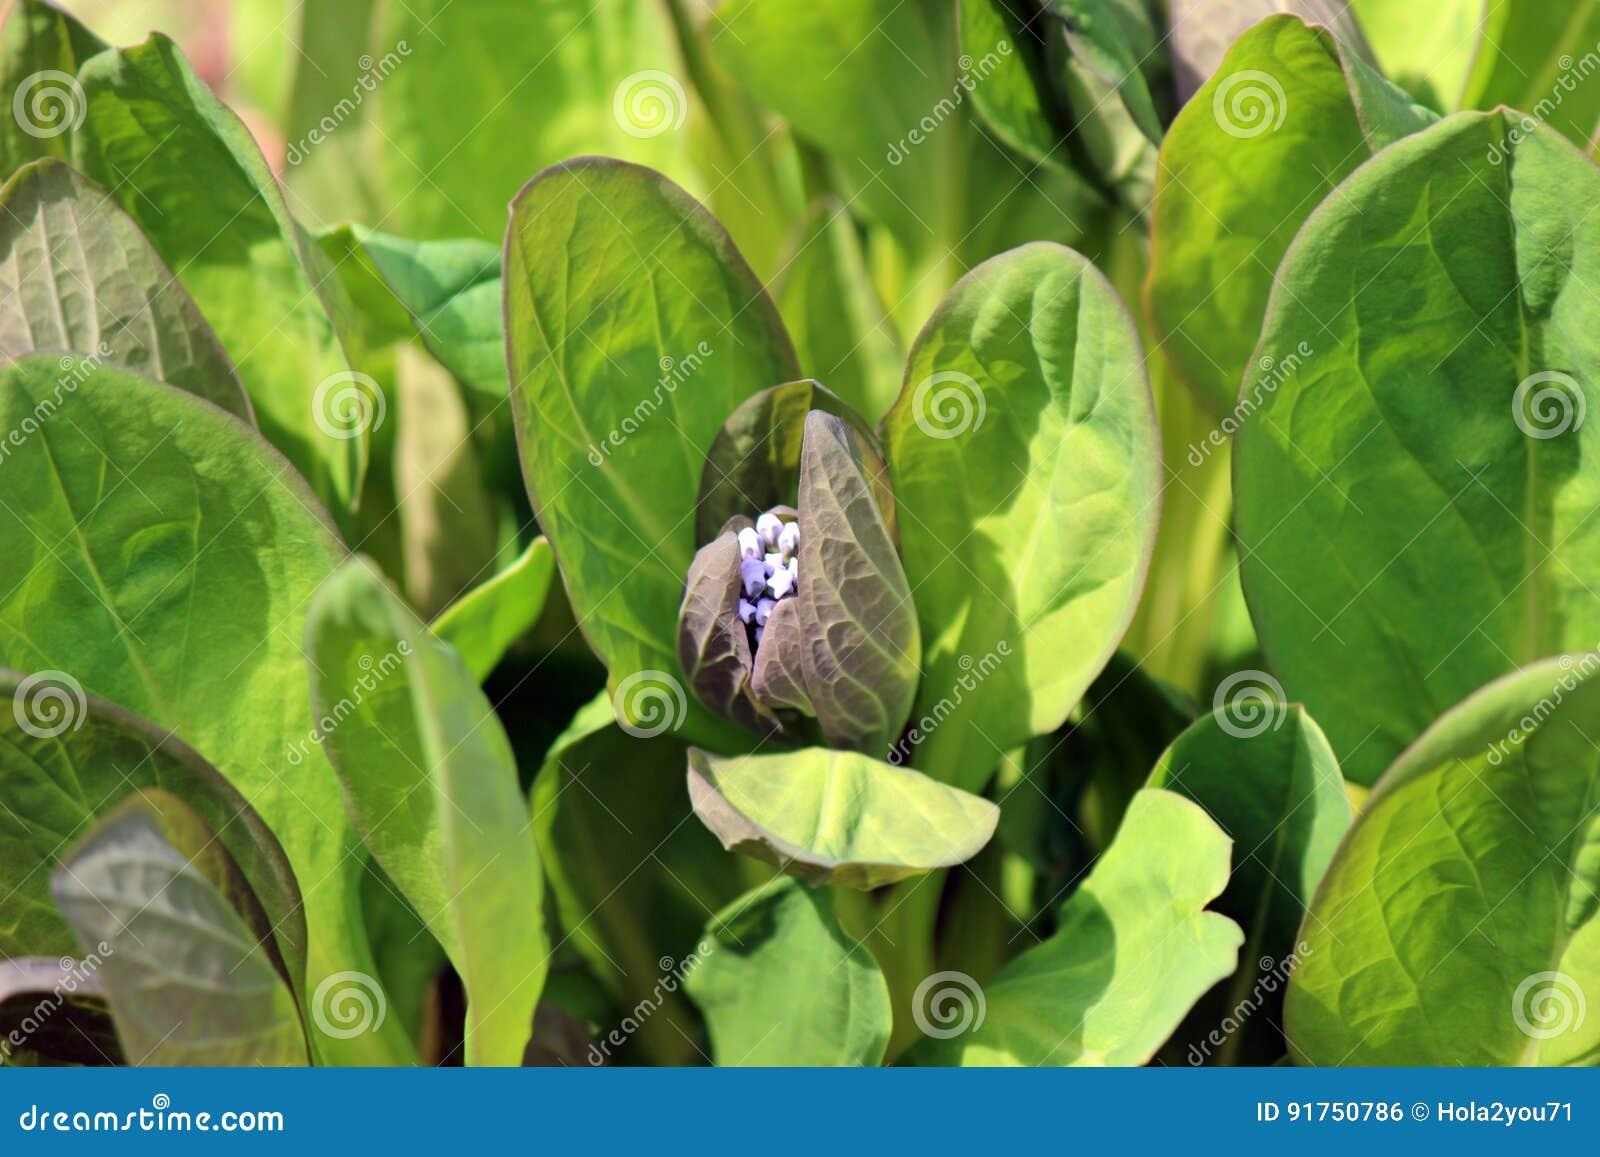 弗吉尼亚会开蓝色钟形花的草床